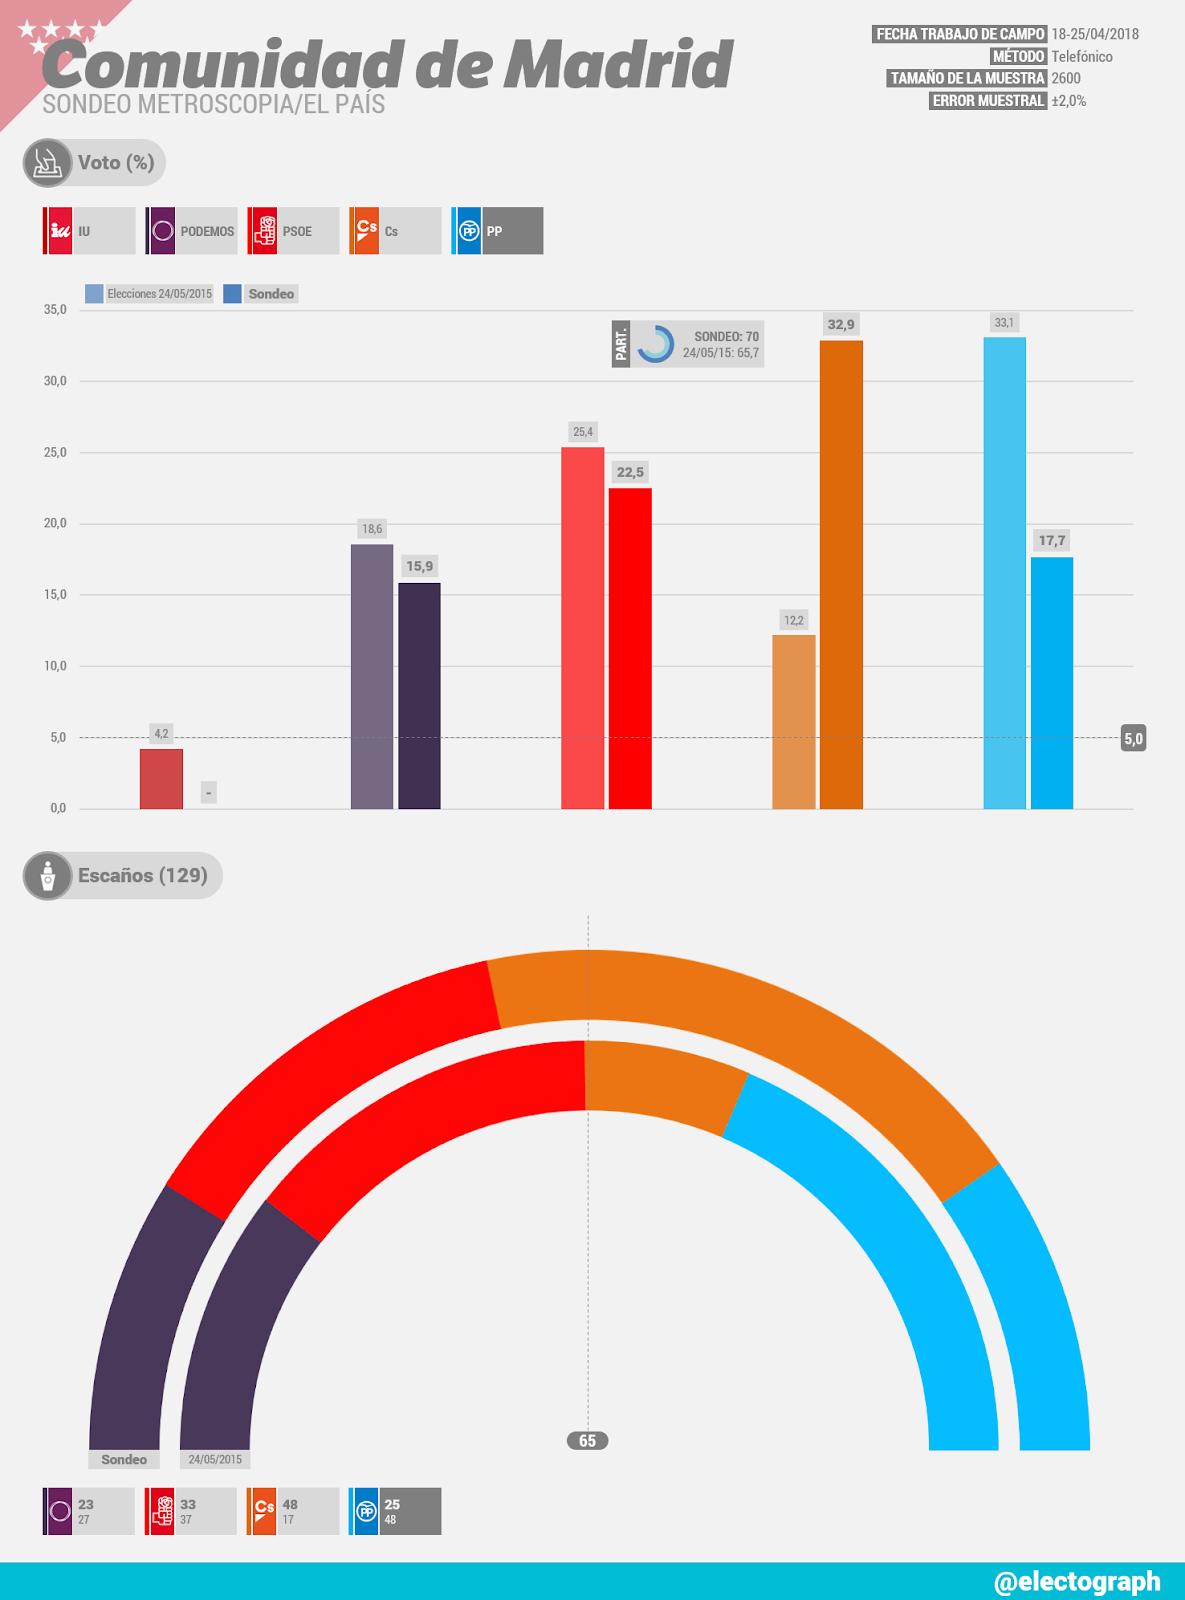 Gráfico de la encuesta para elecciones autonómicas en la Comunidad de Madrid realizada por Metroscopia para El País en abril de 2018